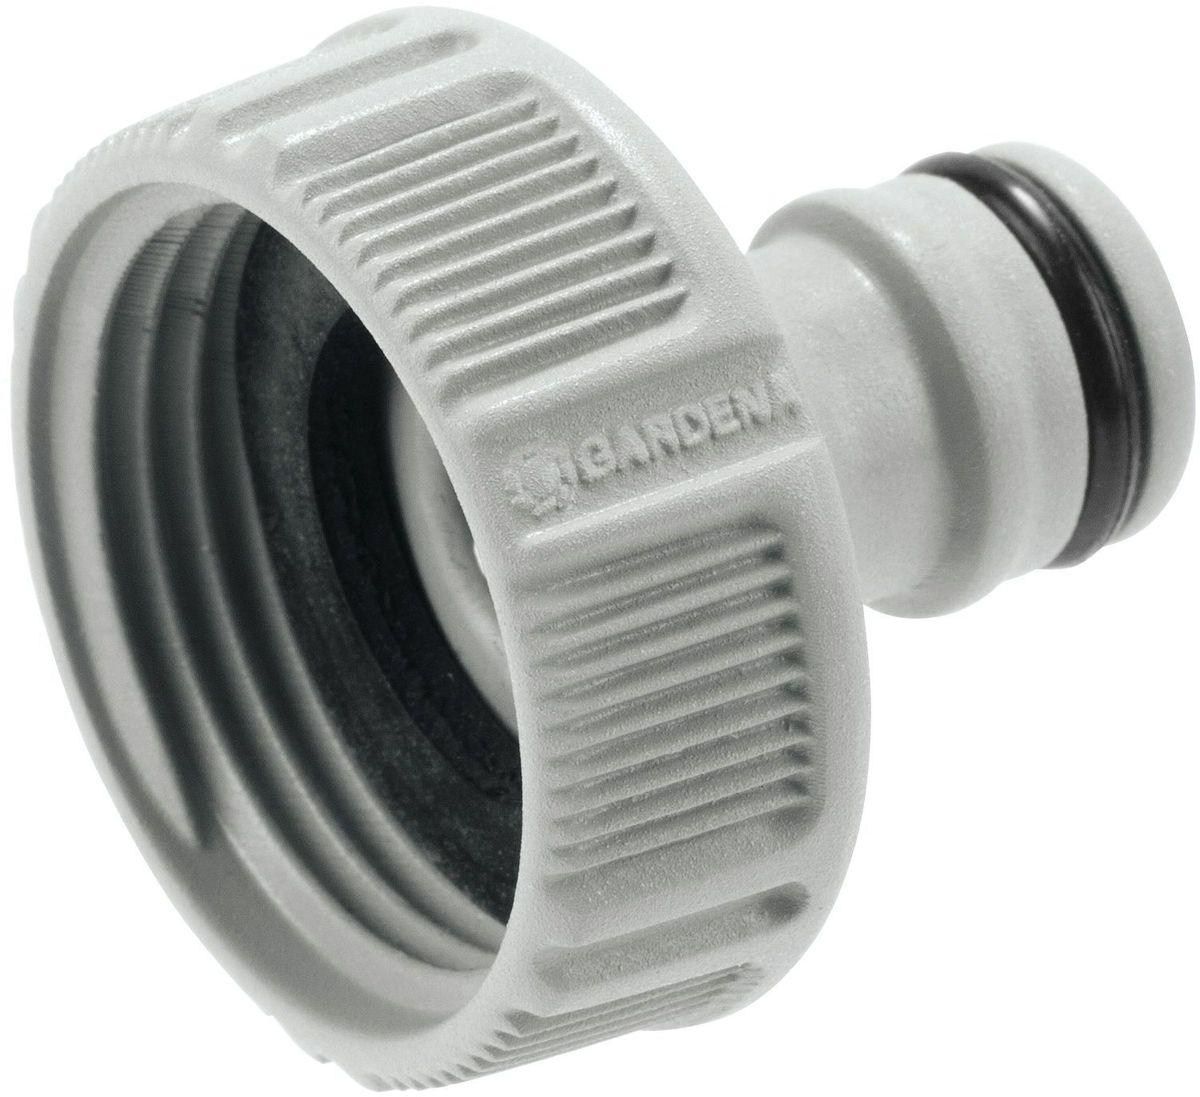 Штуцер Gardena, резьбовой 1. 18202-29.000.0018202-29.000.00Предназначен для соединения с резьбовыми кранами. Легко устанавливается. Не требует использования инструментов. Для кранов диаметром 26,5 мм (G 3/4) с резьбой 33,3 мм ( G 1).